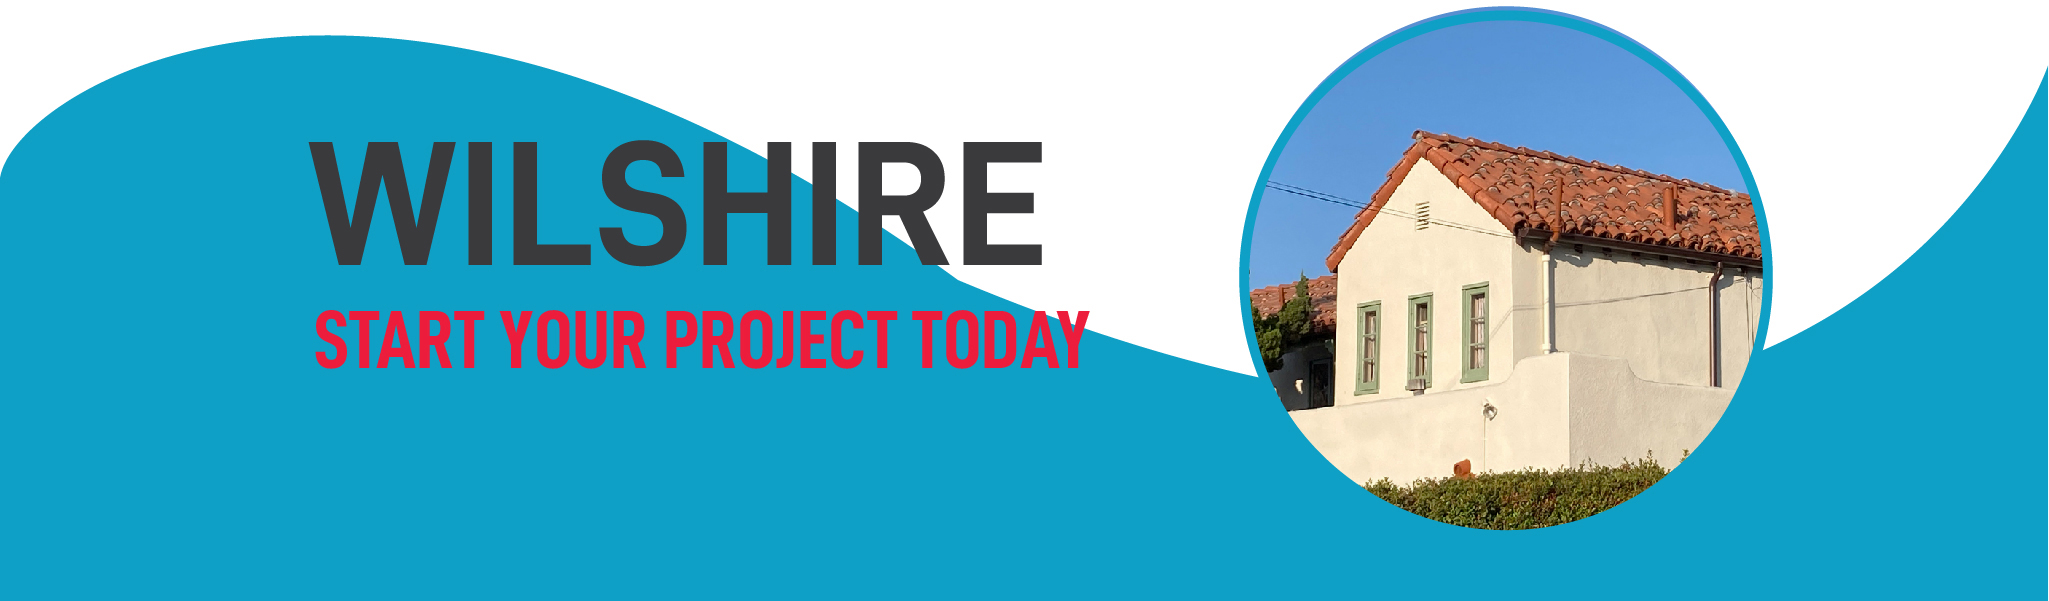 original wilshire - The Wilshire Project